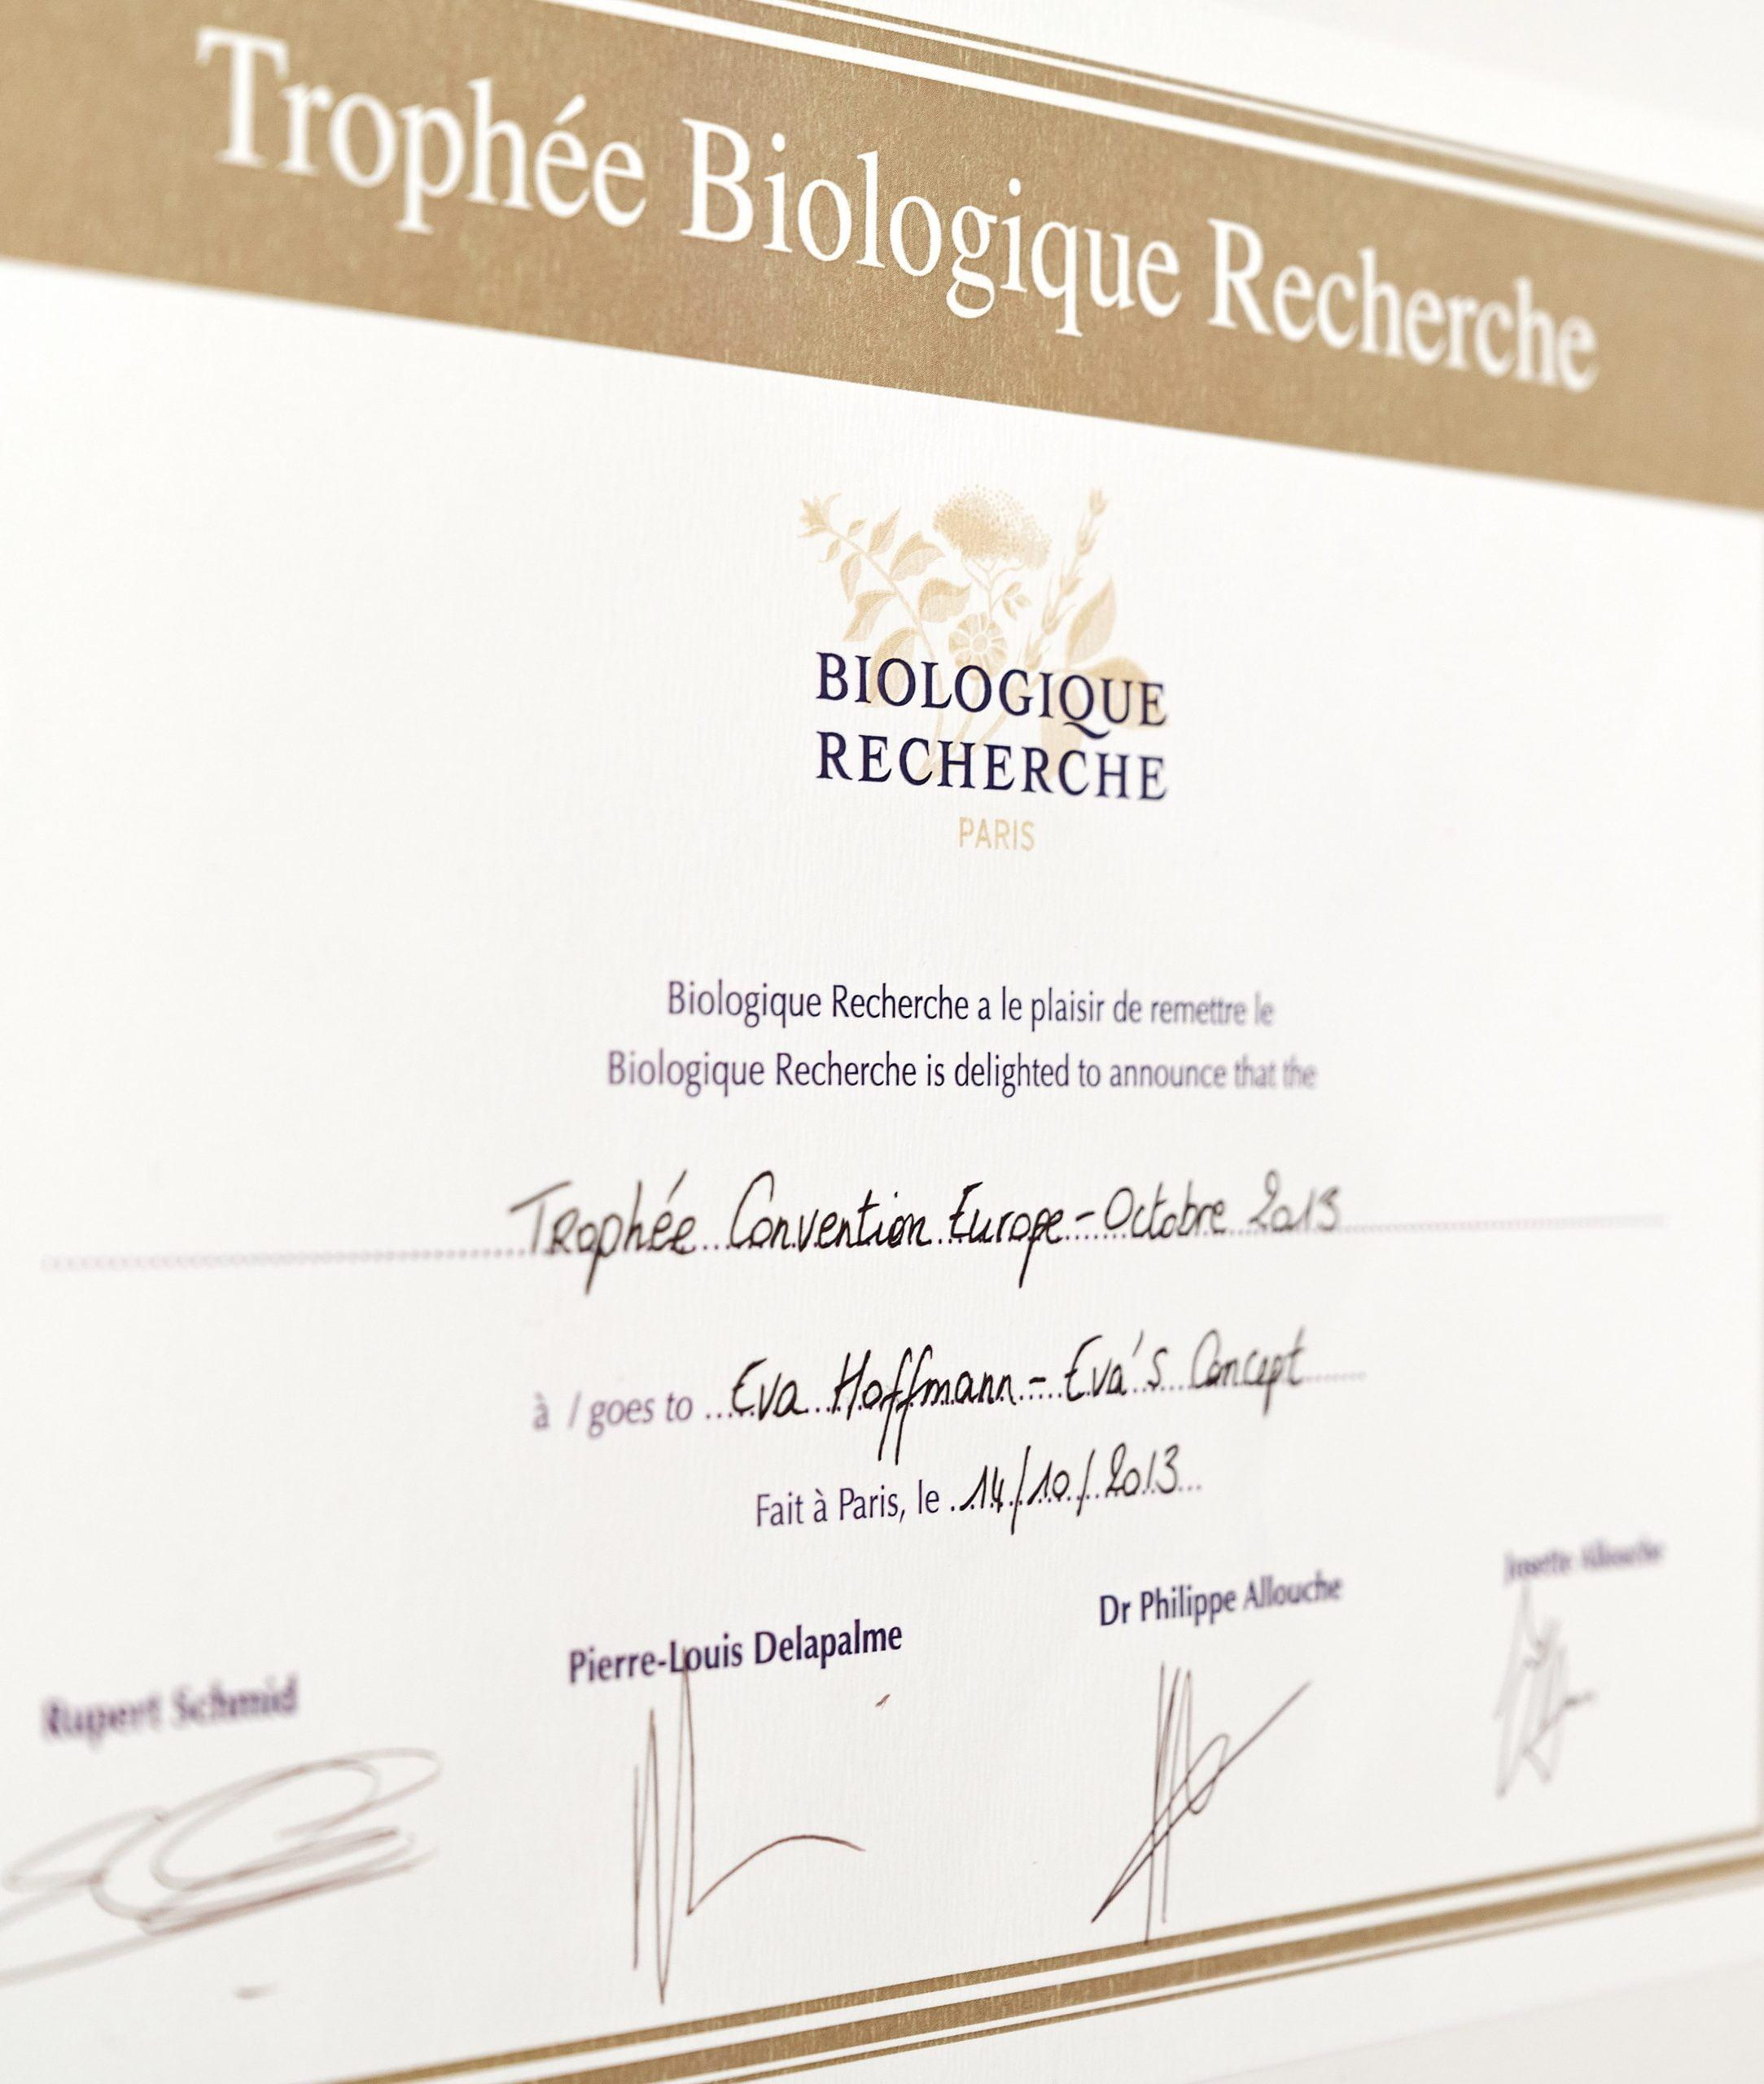 Auszeichnung von Biologique Recherche - evas concept